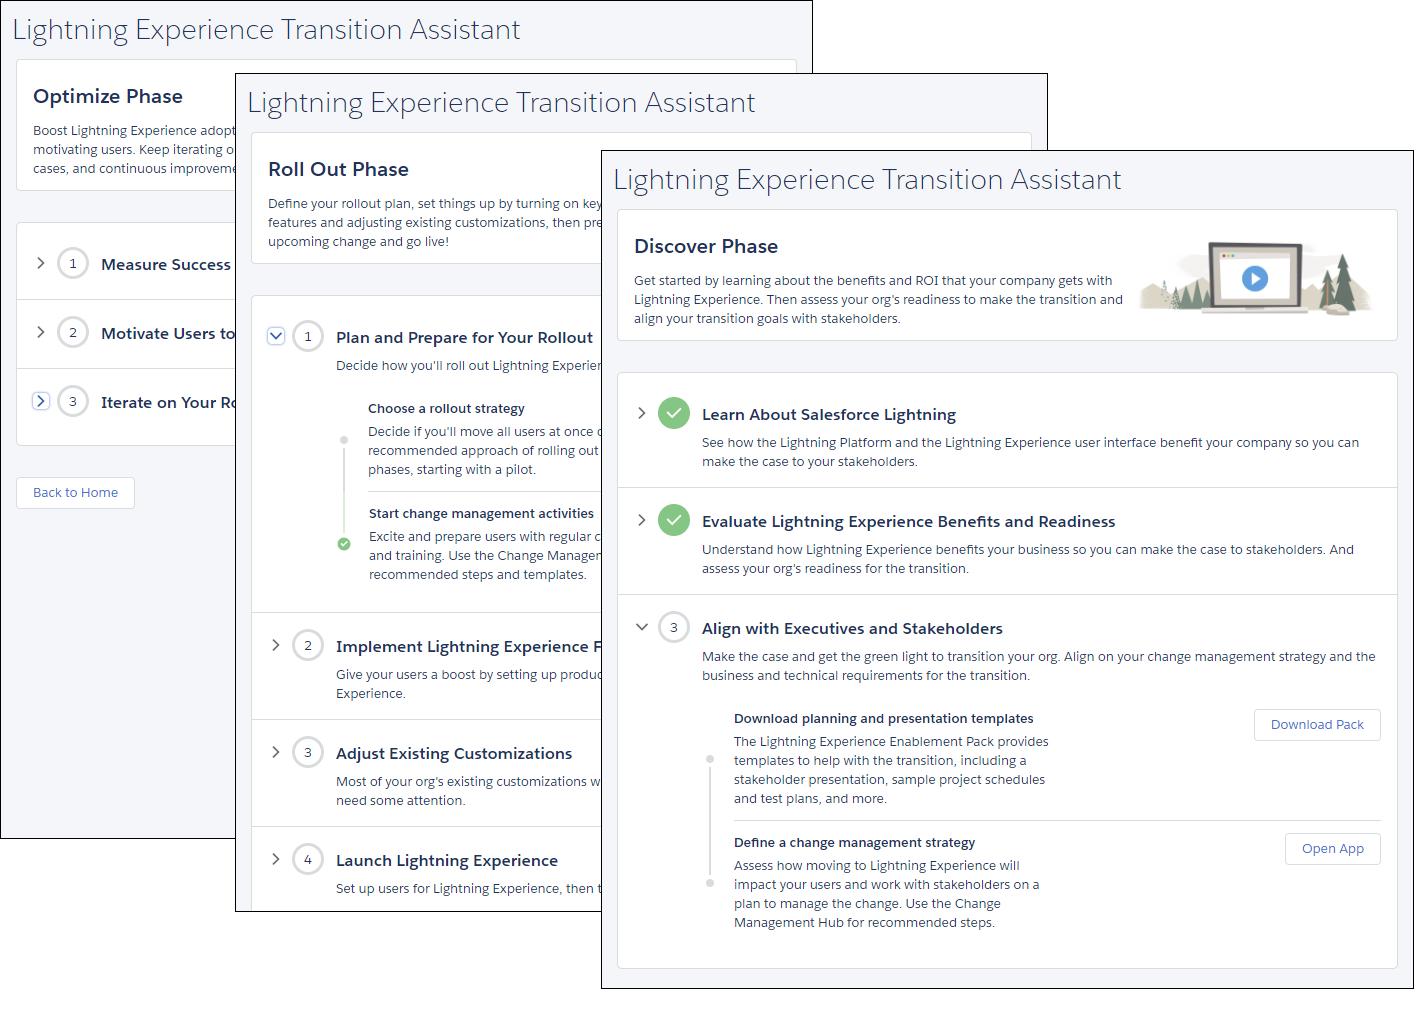 Captura de tela das páginas de Fase de descoberta, distribuição e otimização do Assistente de transição do Lightning Experience